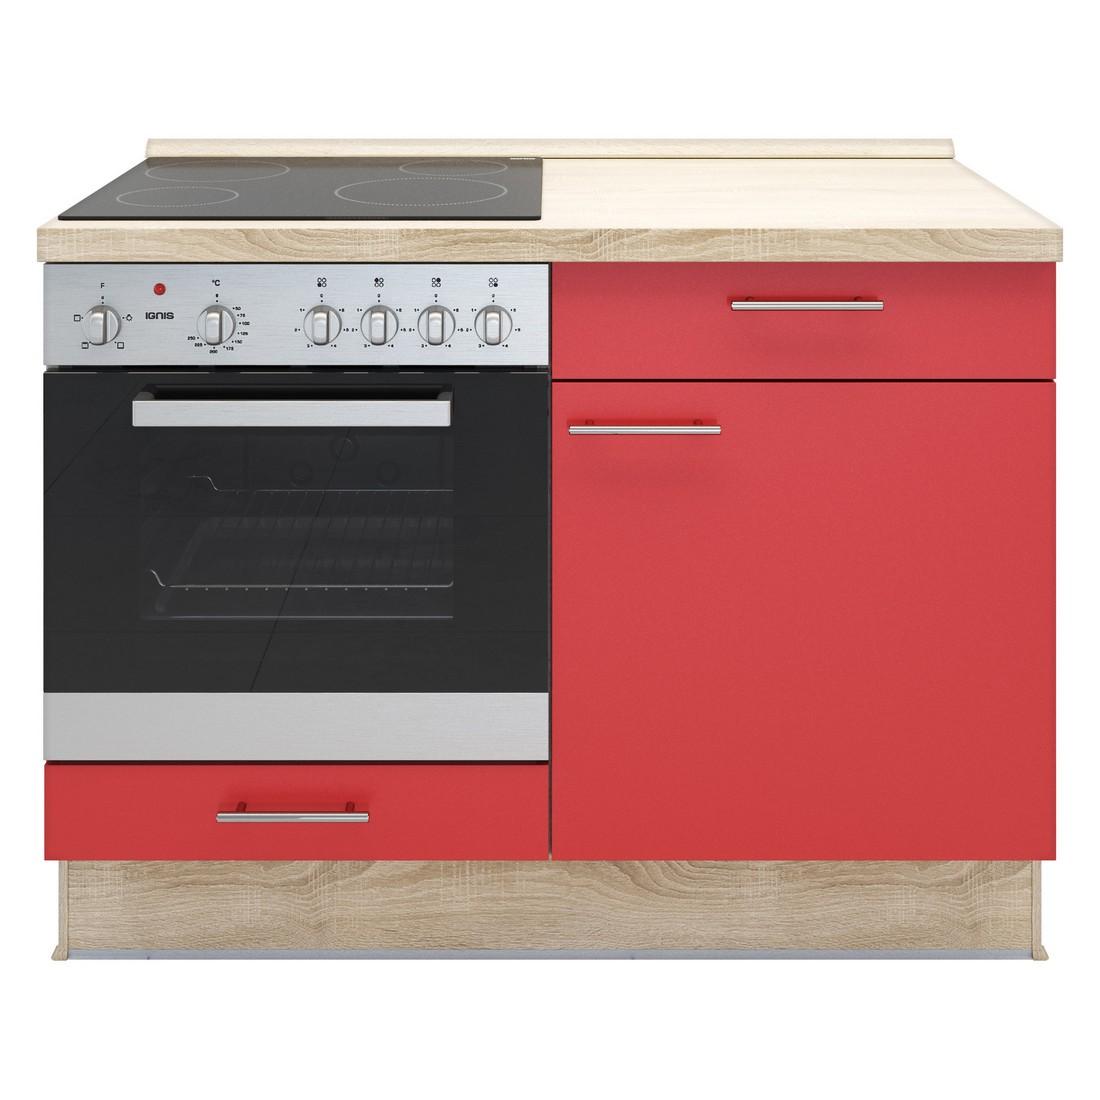 Küchenmodul Basic – mit Glaskeramik Kochfeld und Backofen – Rot – Ausrichtung Links, Kiveda jetzt kaufen